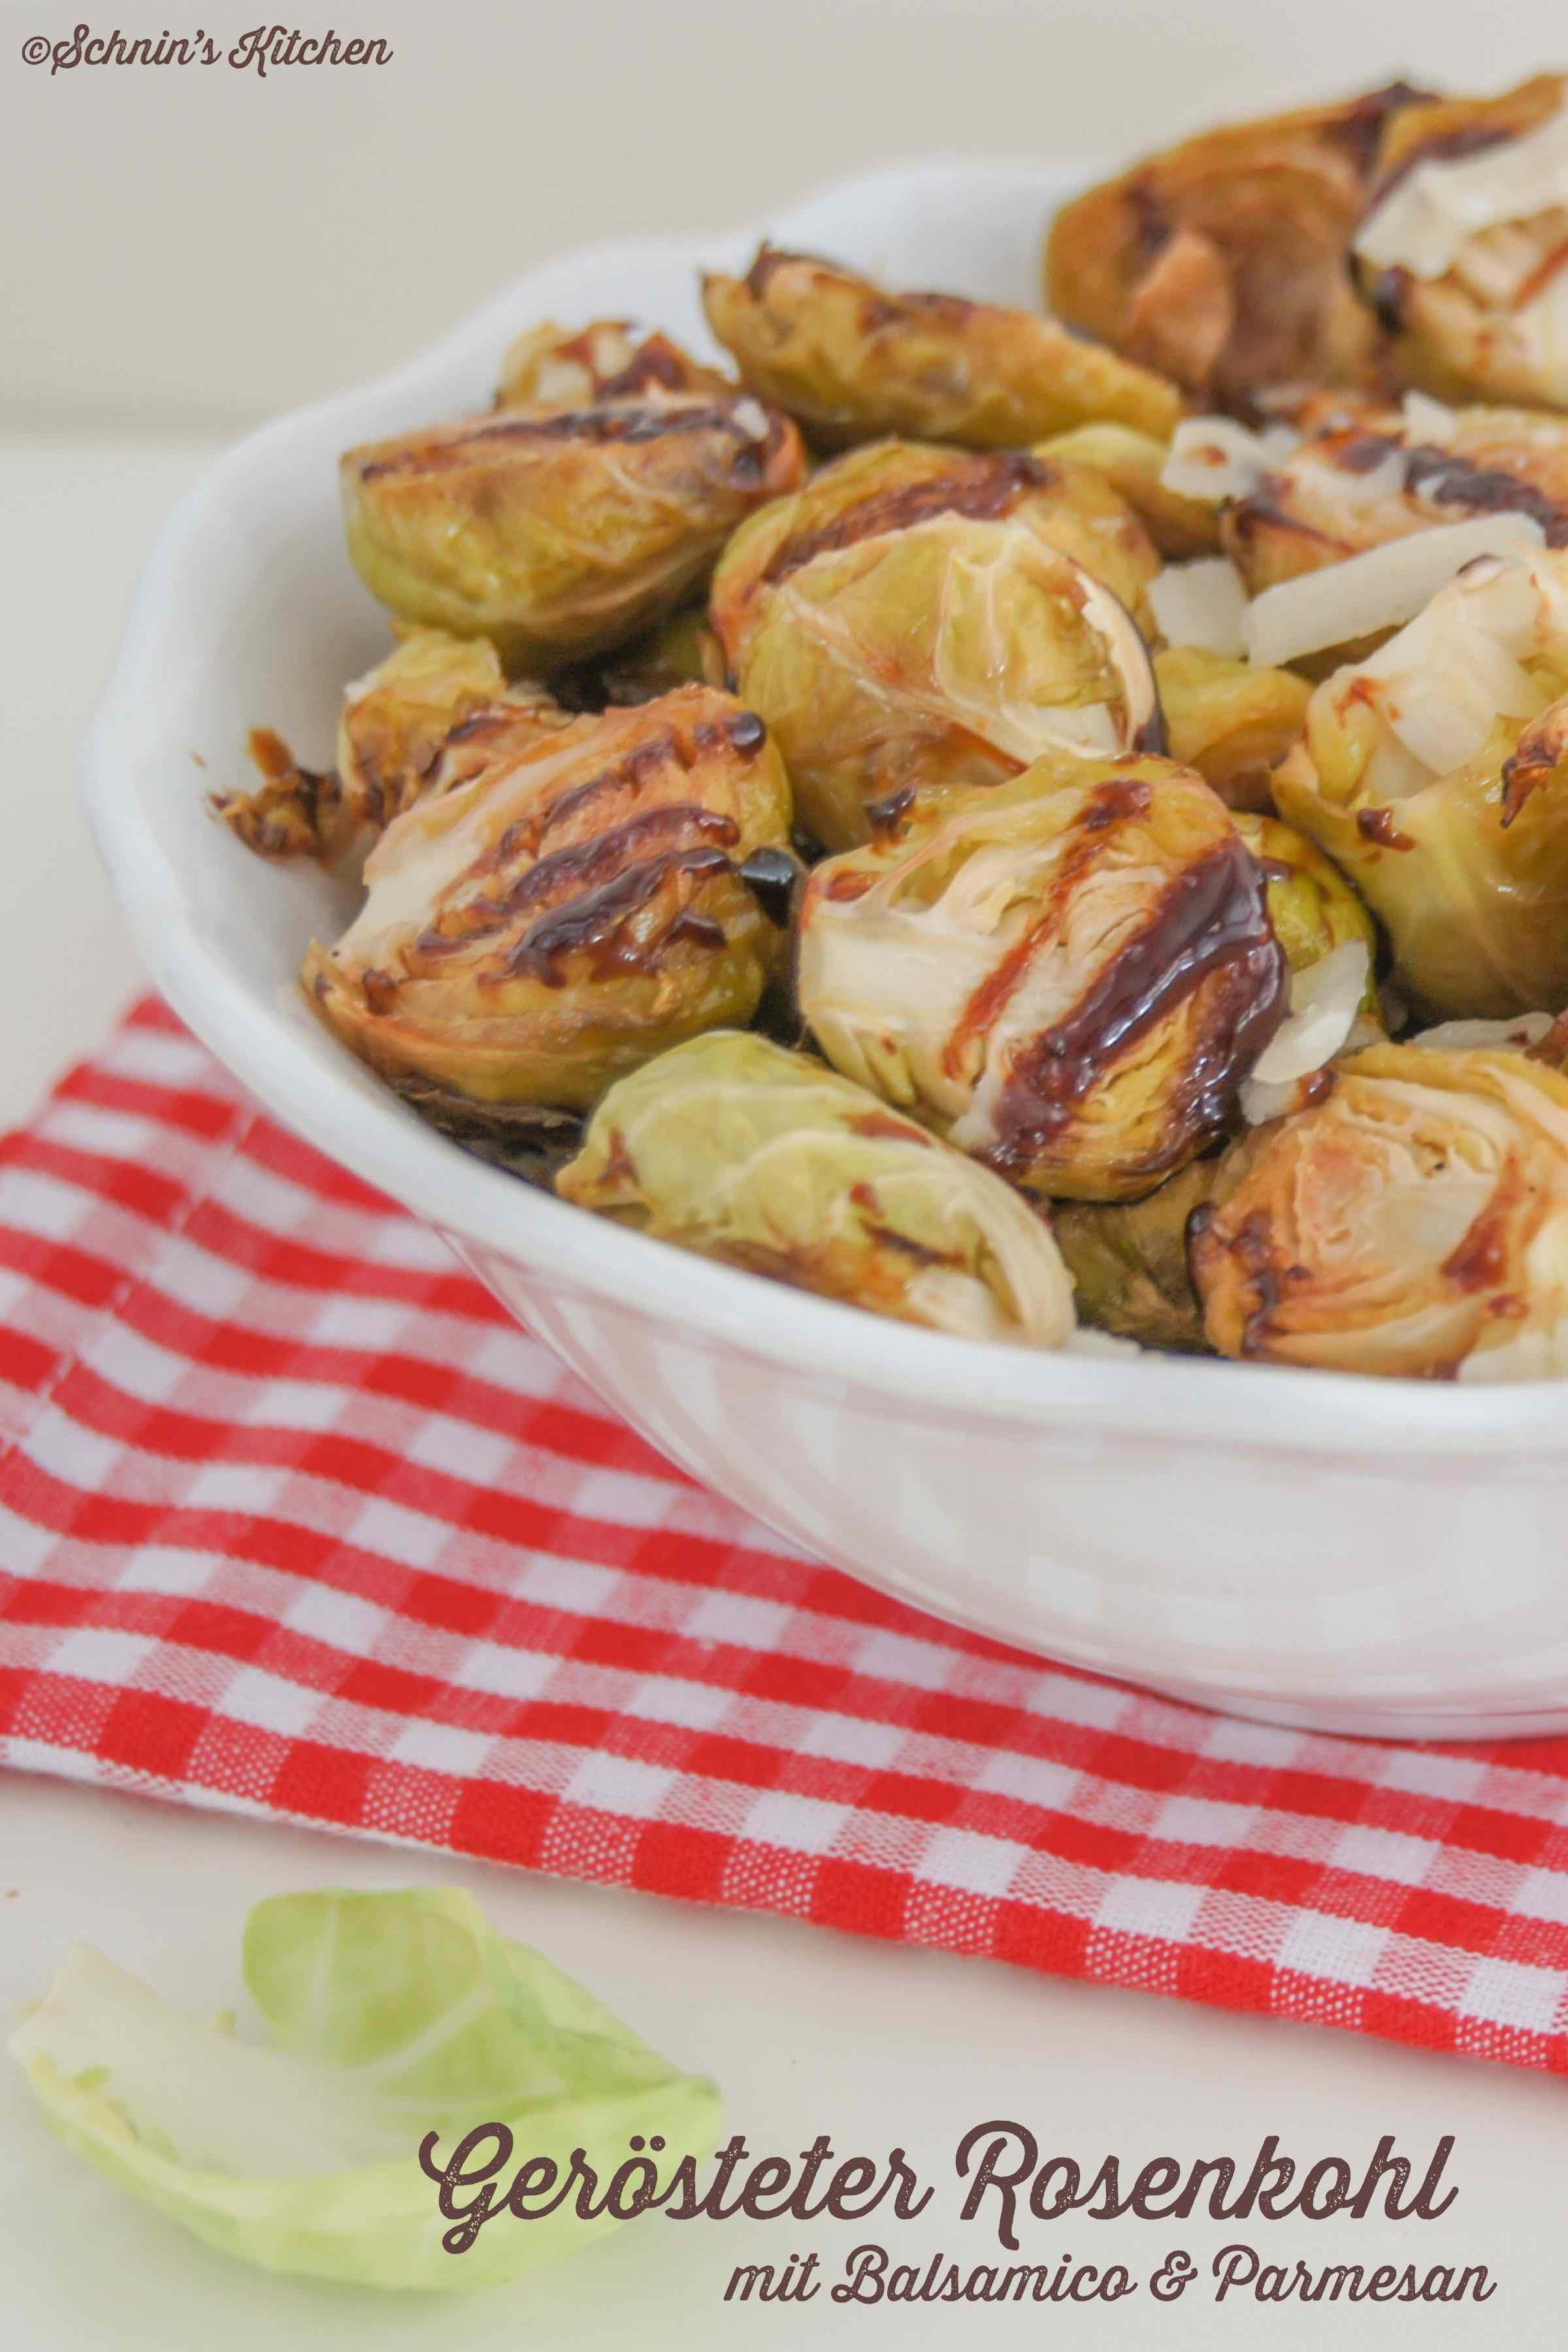 Schnin's Kitchen: Gerösteter Rosenkohl mit Balsamico und Parmesan